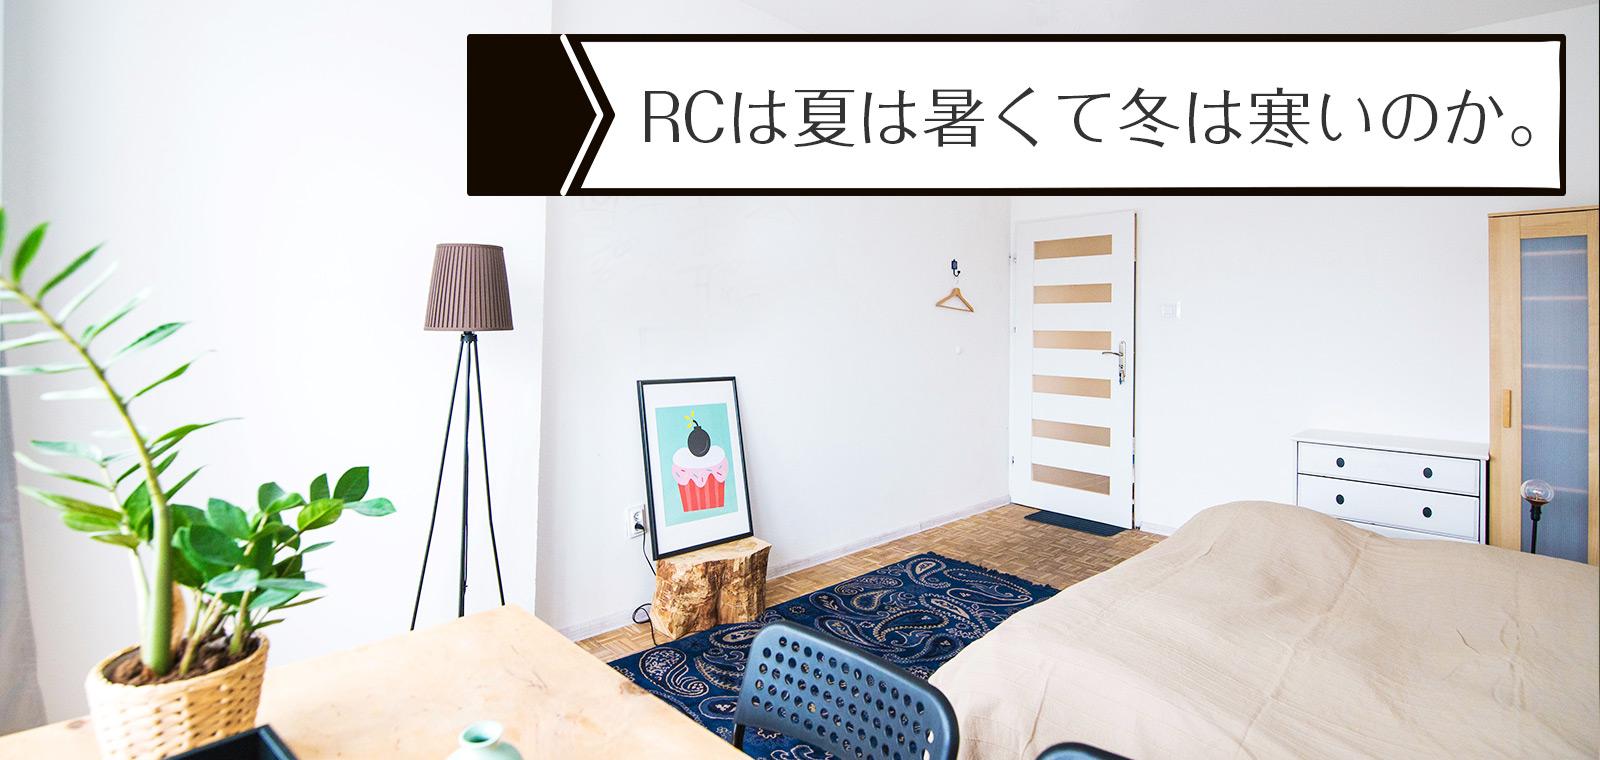 RC(コンクリート)住宅は本当に夏は暑くて冬は寒いのか。そう言われる理由と対策とマンションに10年住んだ感想。